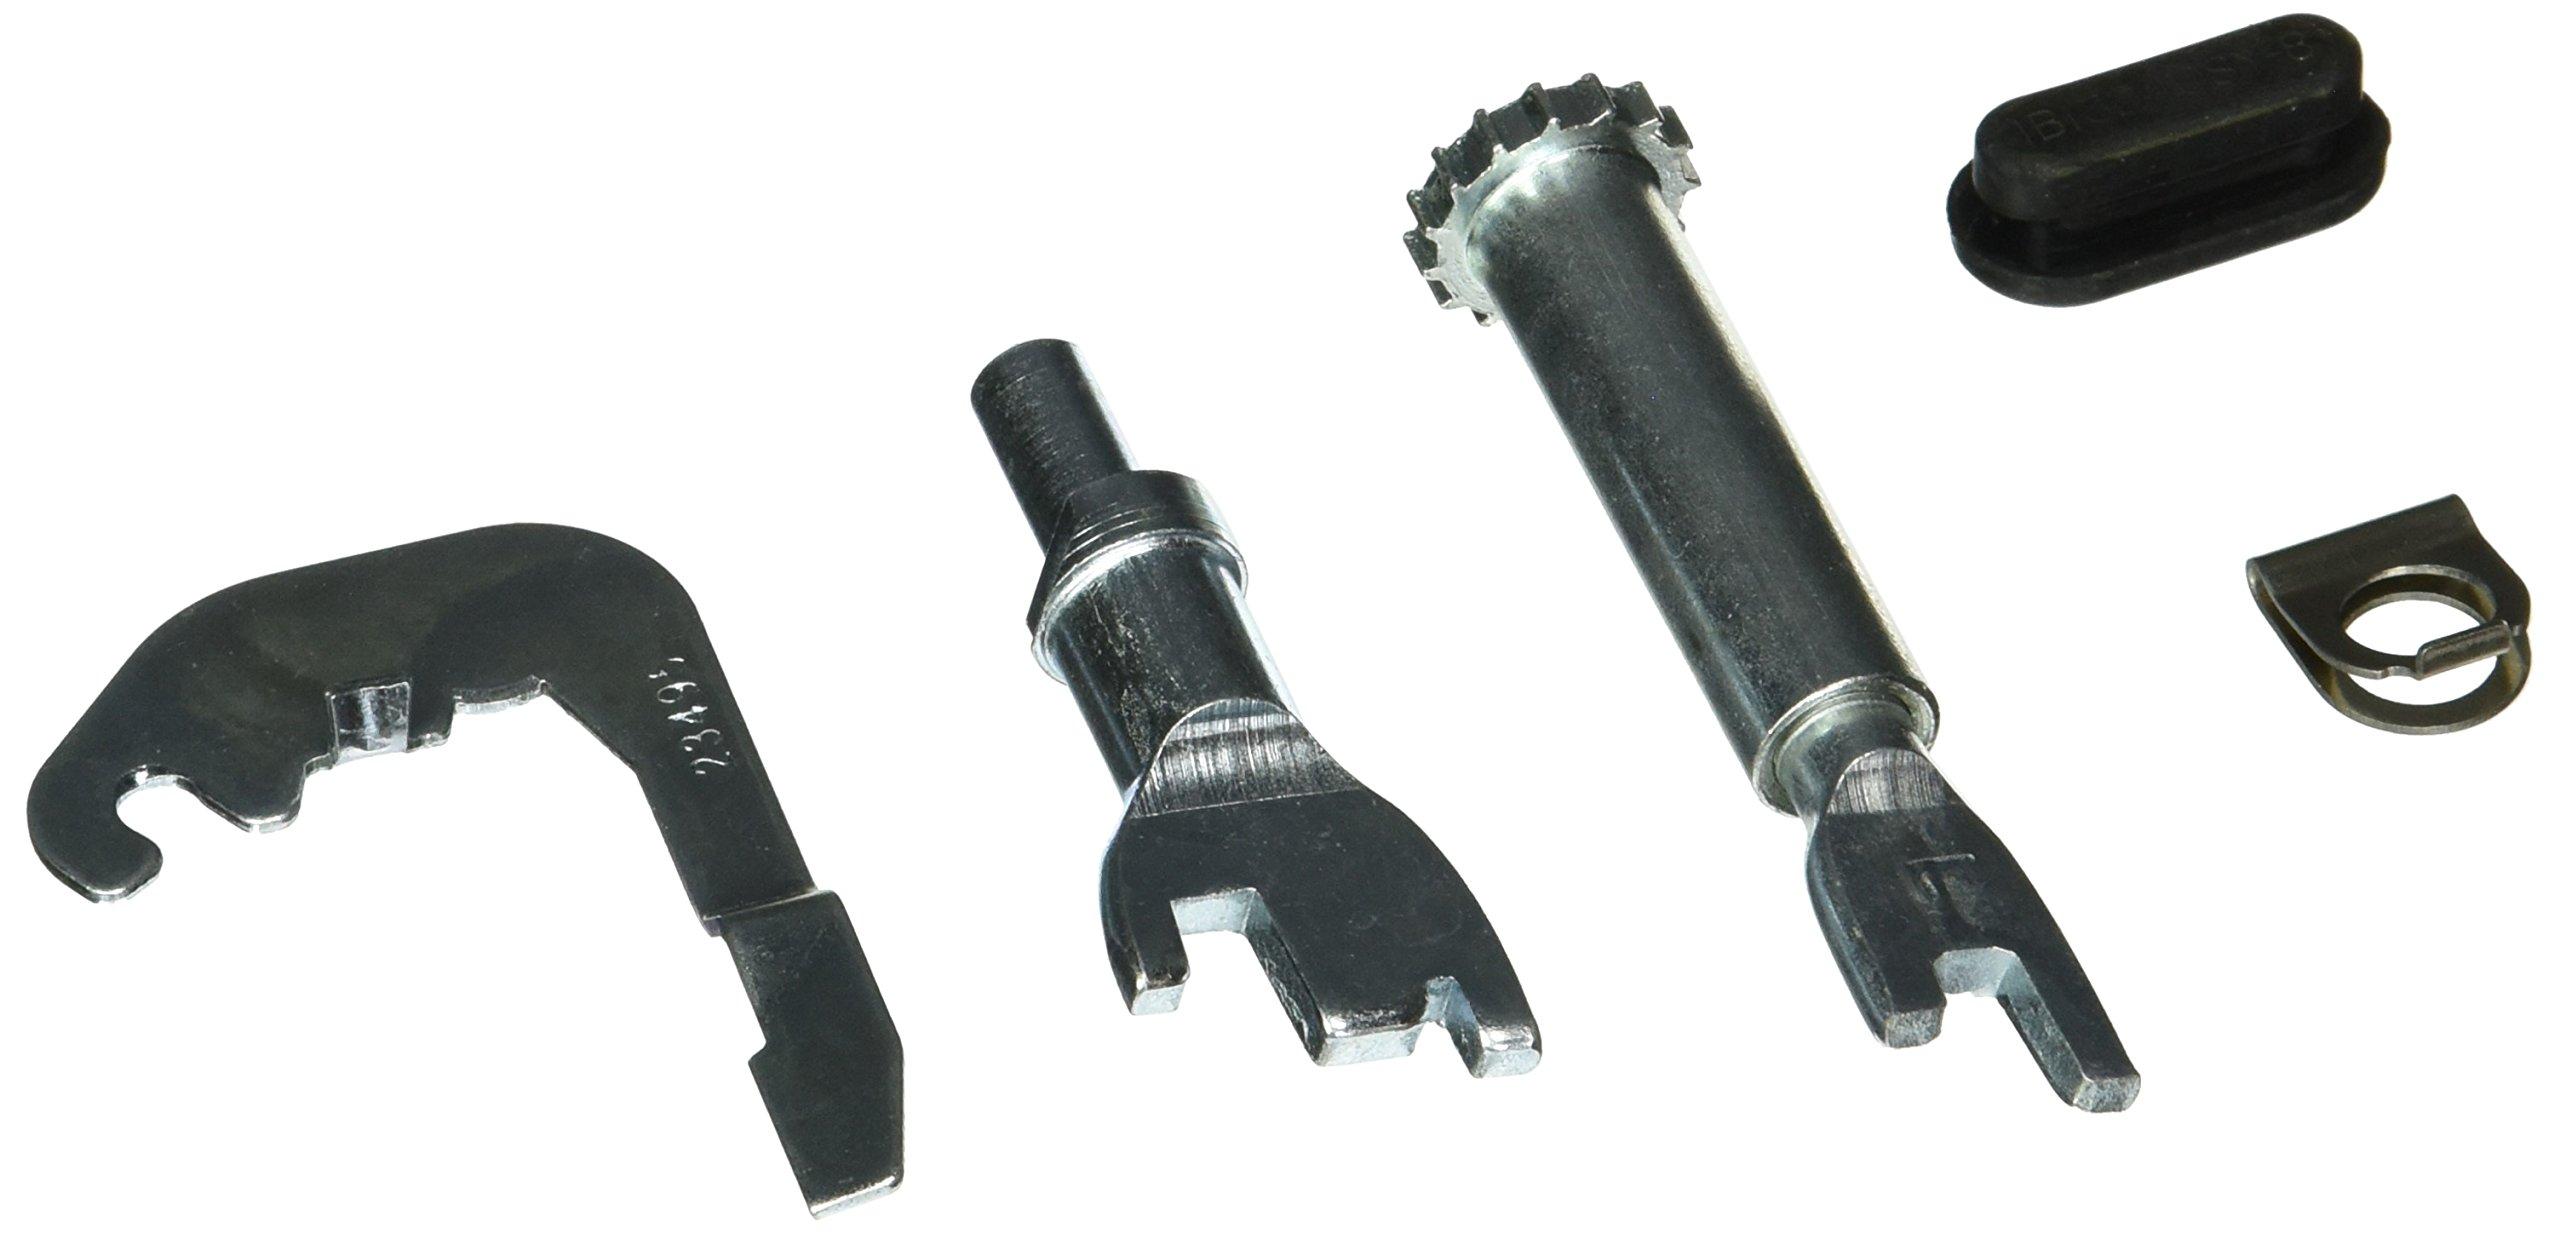 Wagner H2718 Drum Brake Self Adjuster Repair Kit, Rear Left